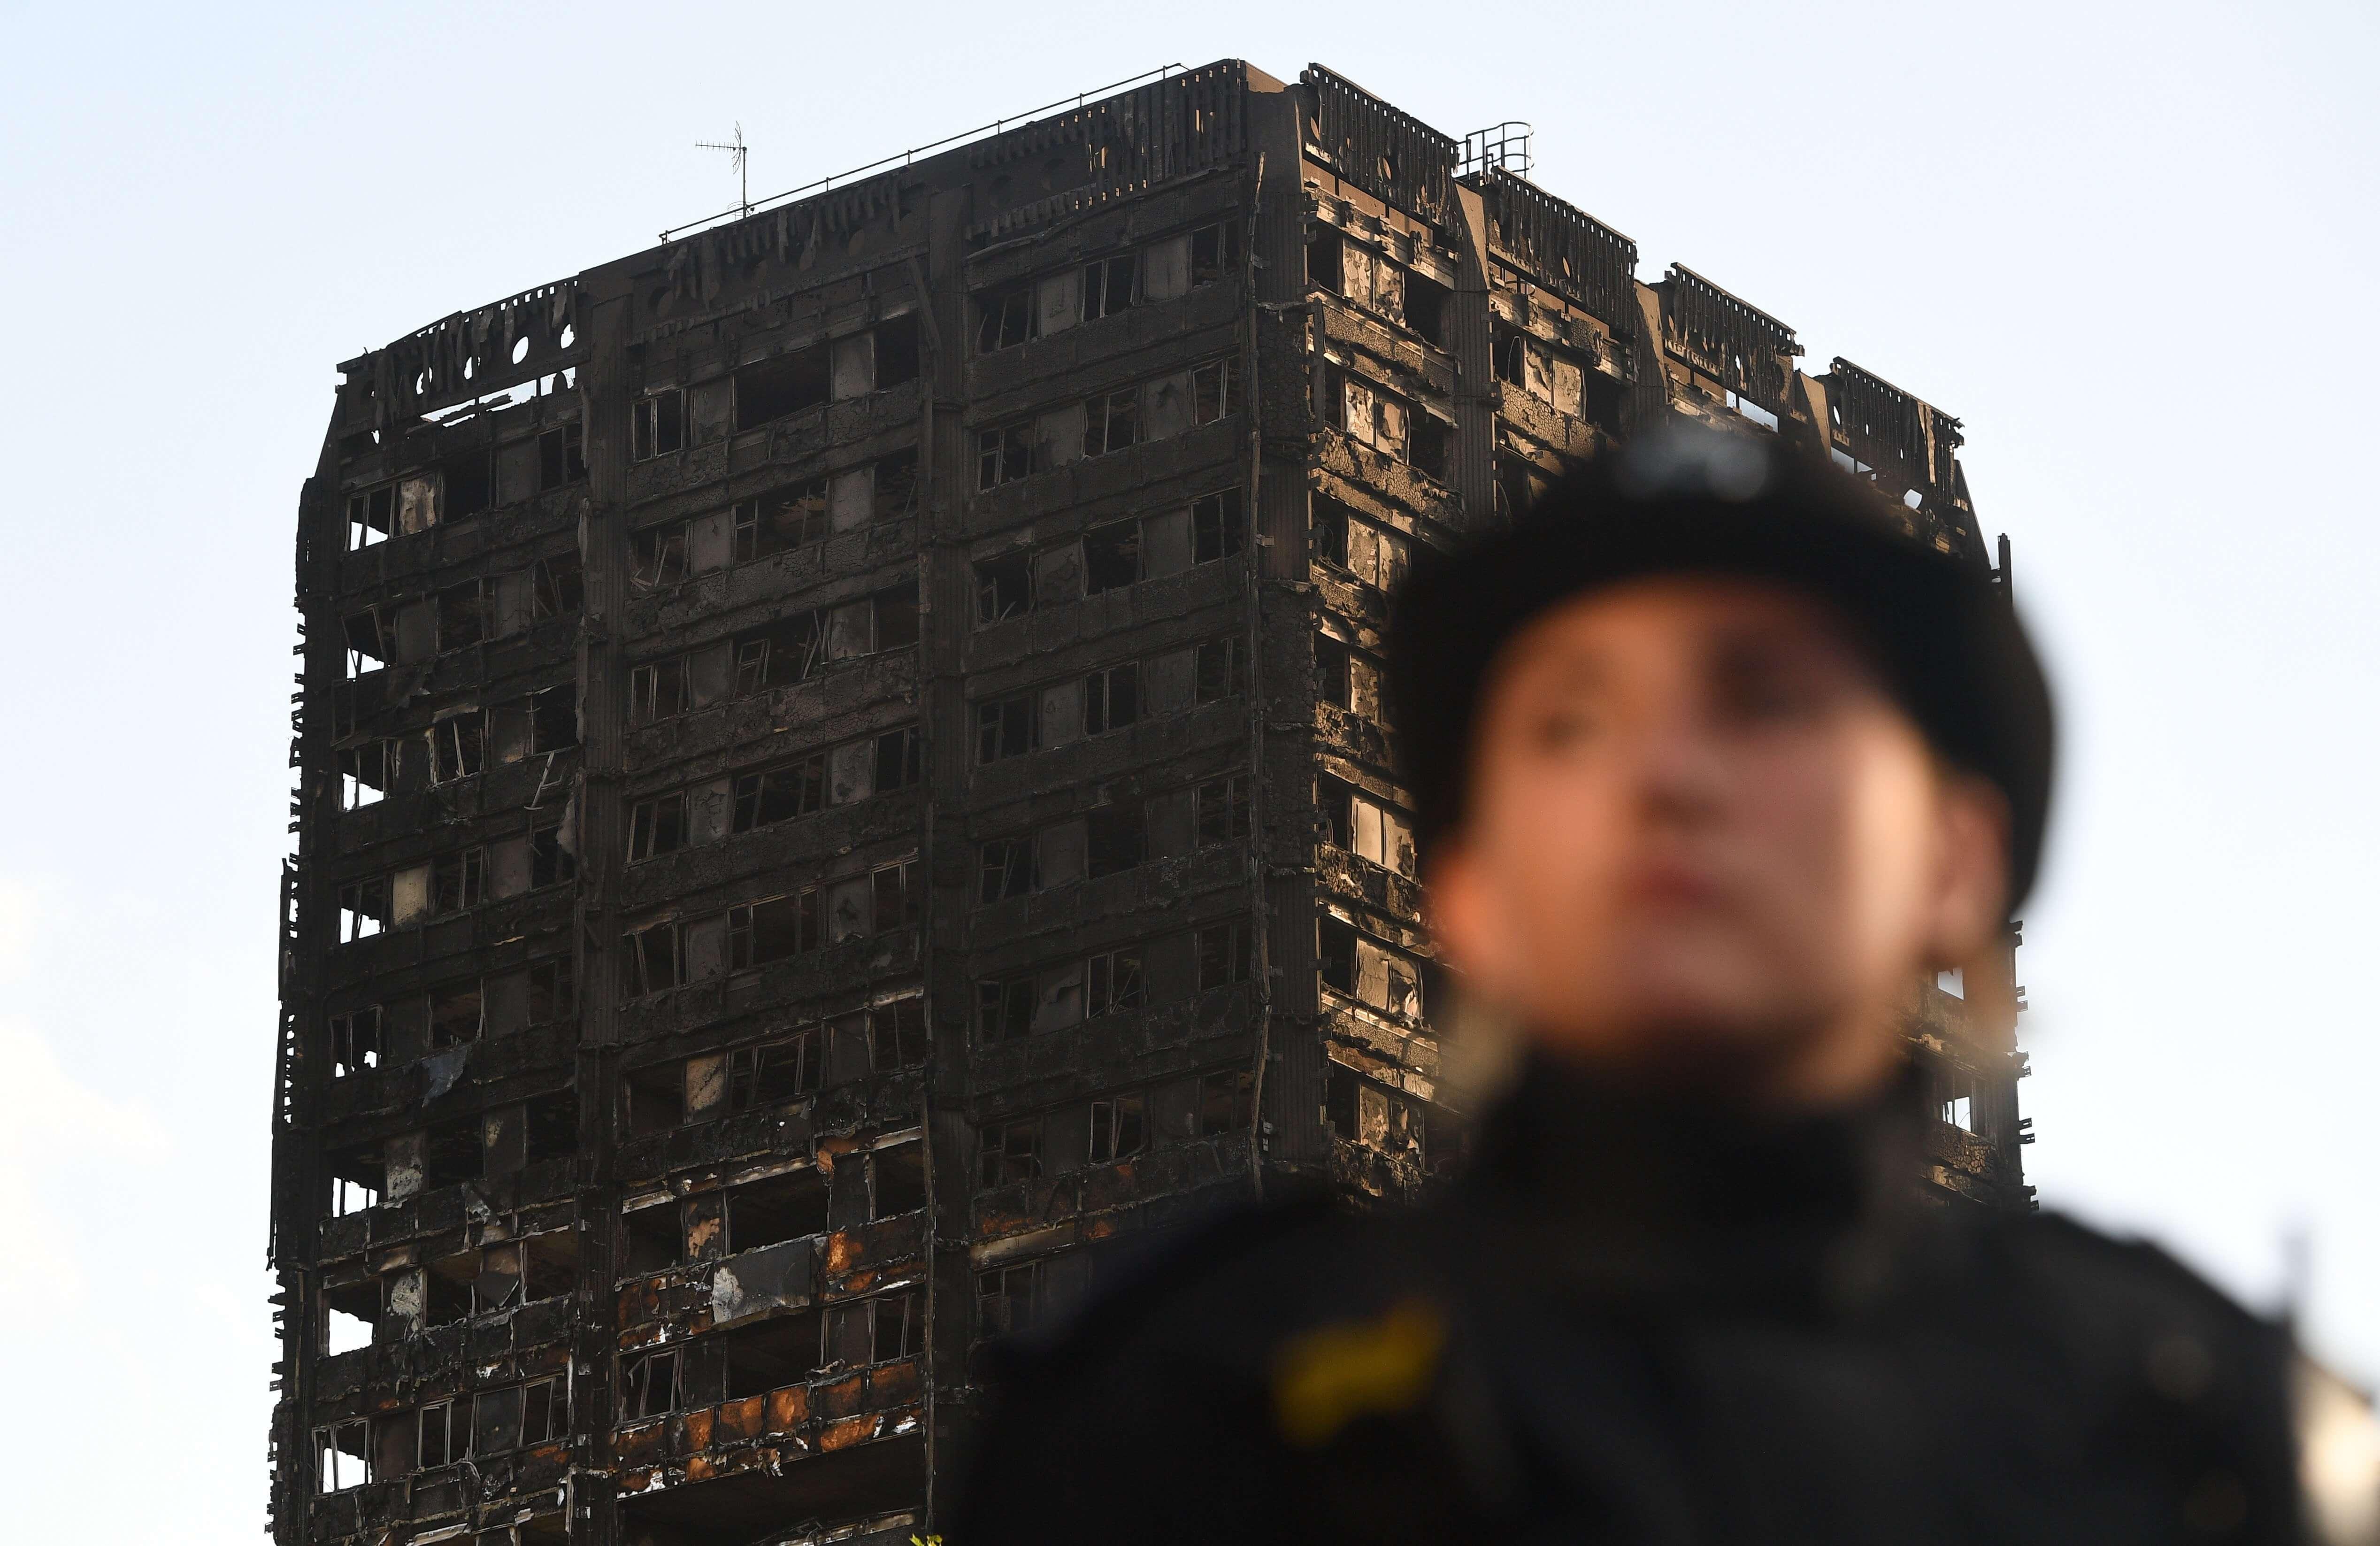 Suman 58 muertos por incendio en edificio de Londres